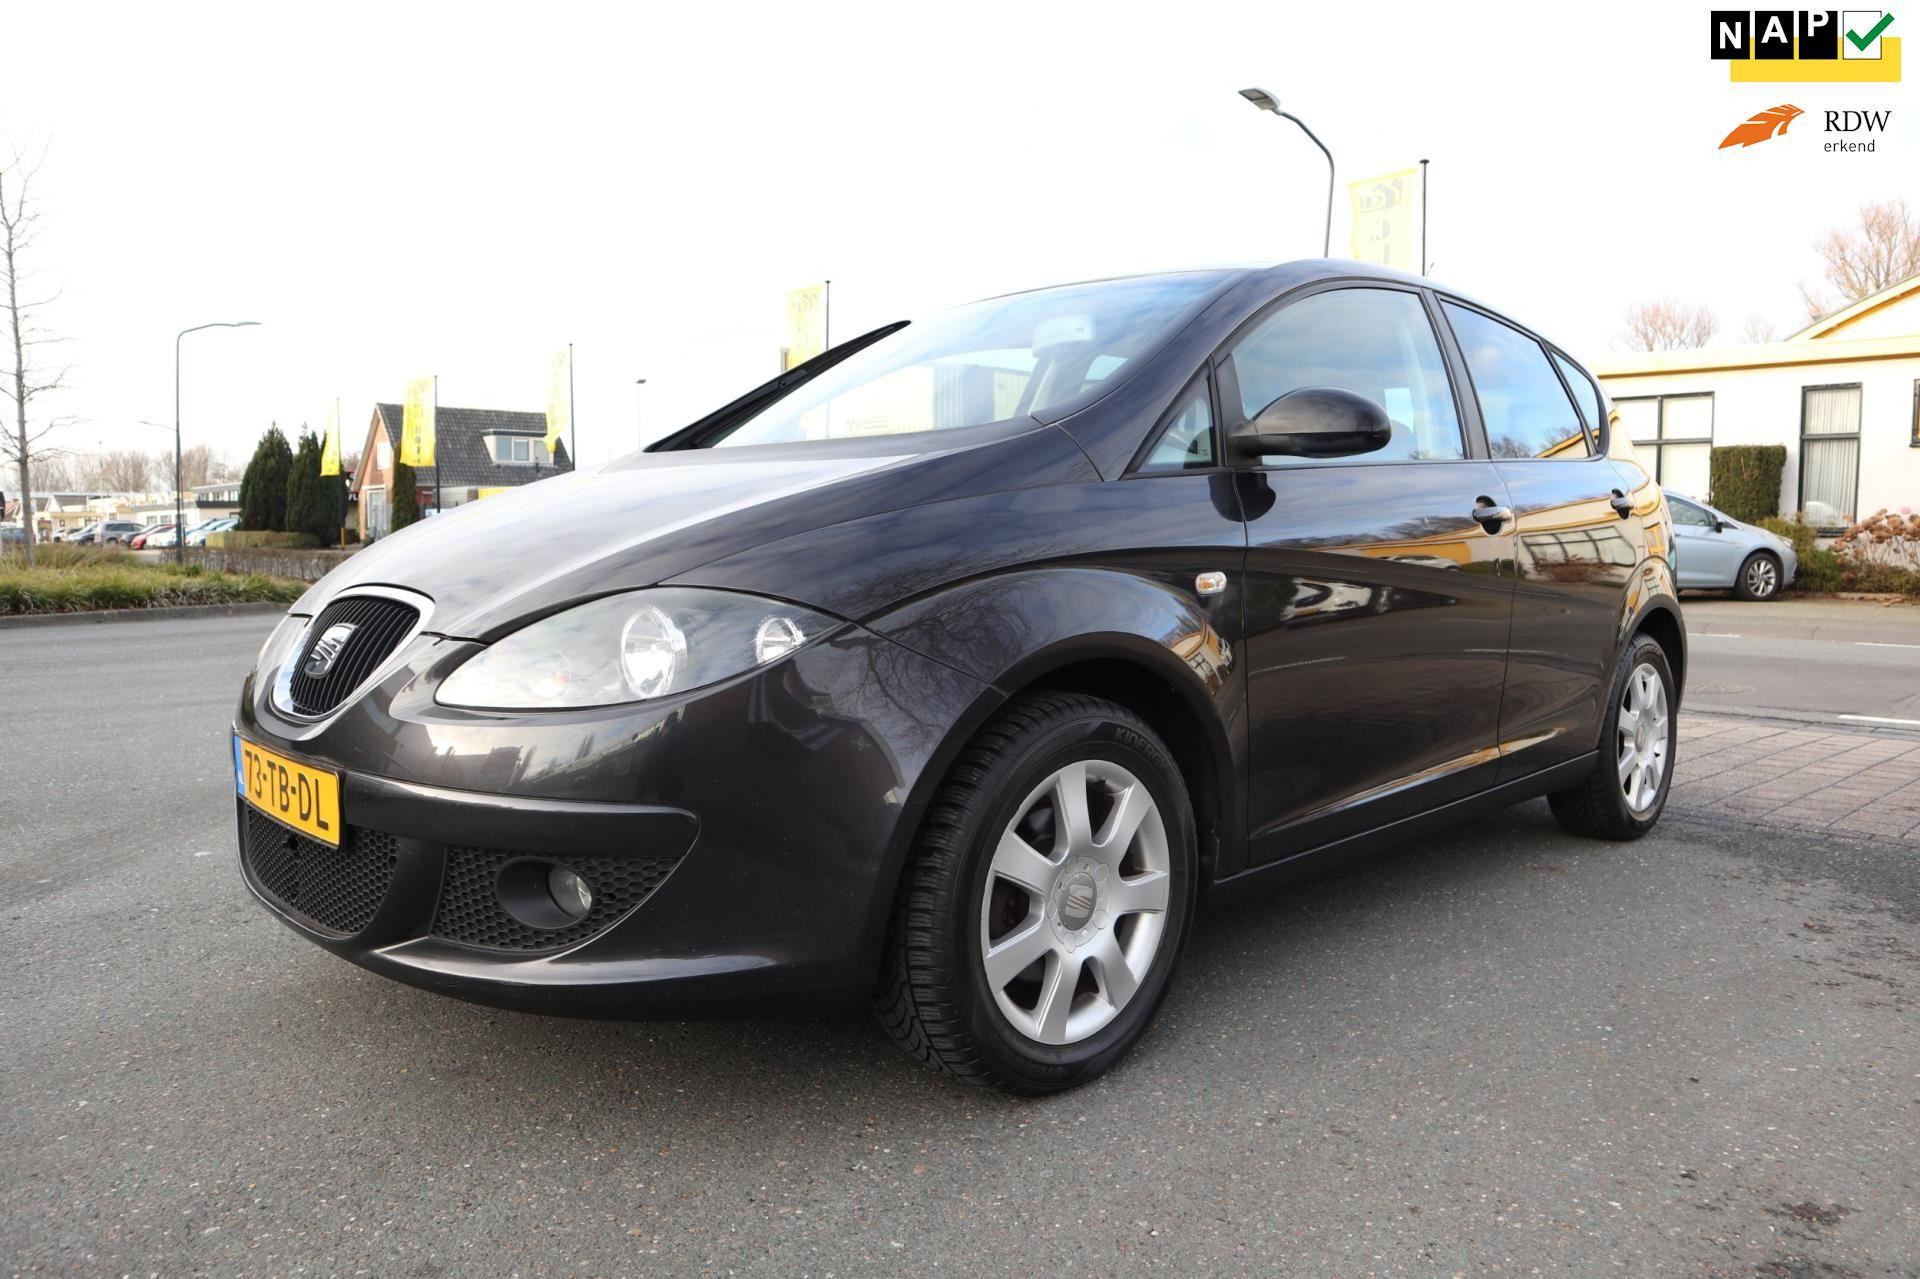 Seat Altea occasion - FB2 Cars